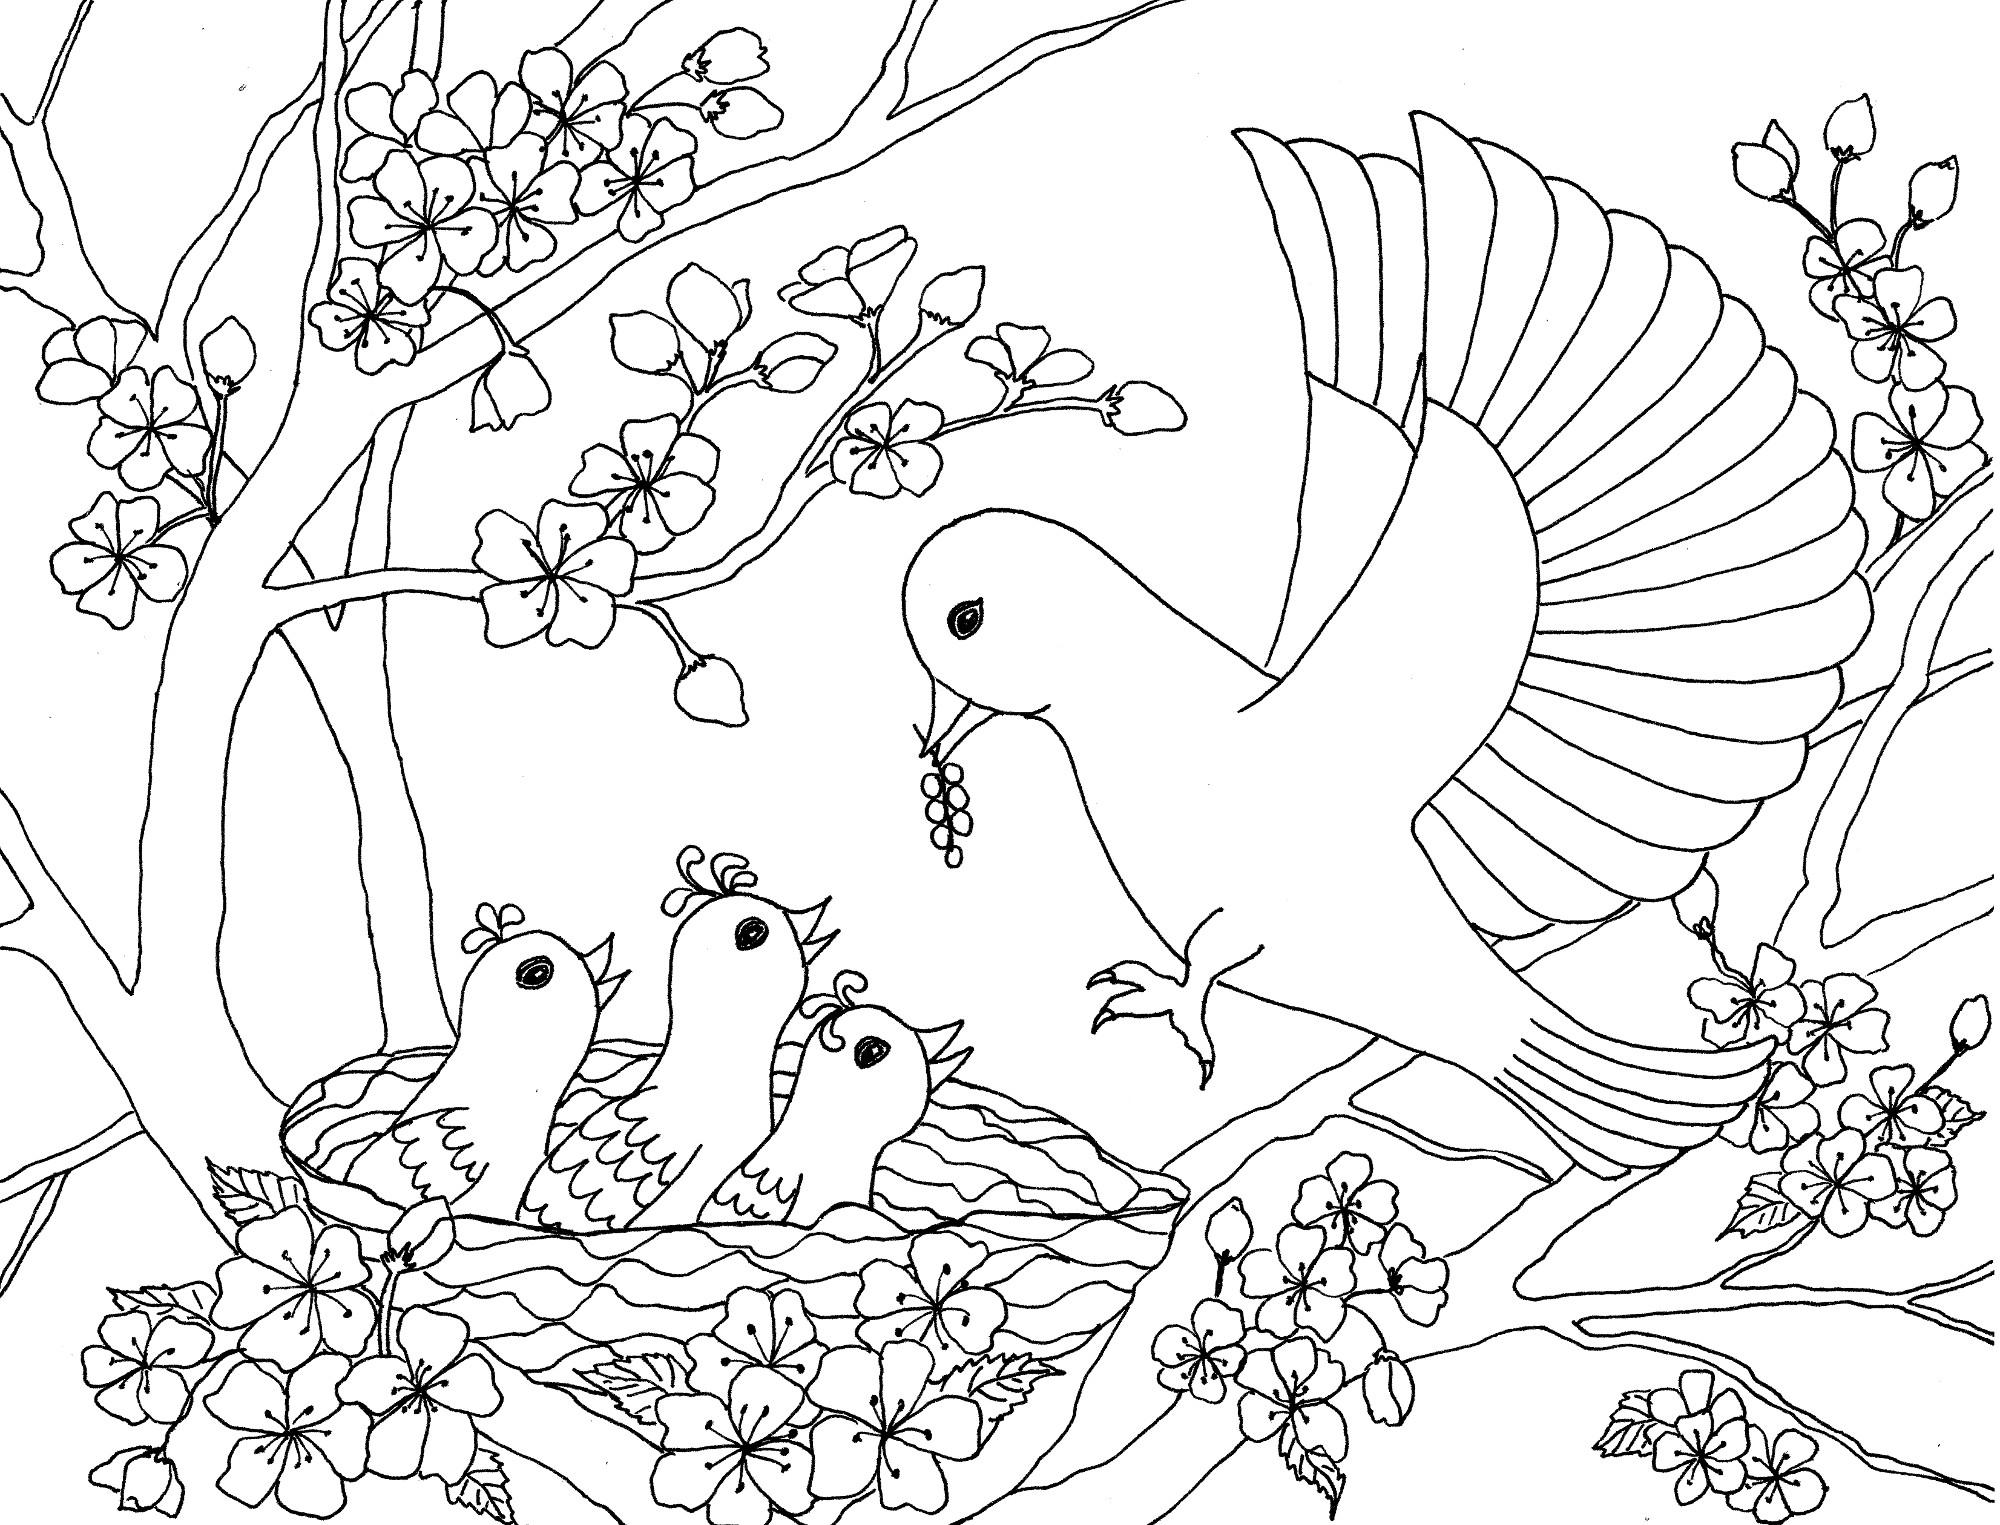 Птица с птенцами на цветущем дереве Раскраски цветов скачать